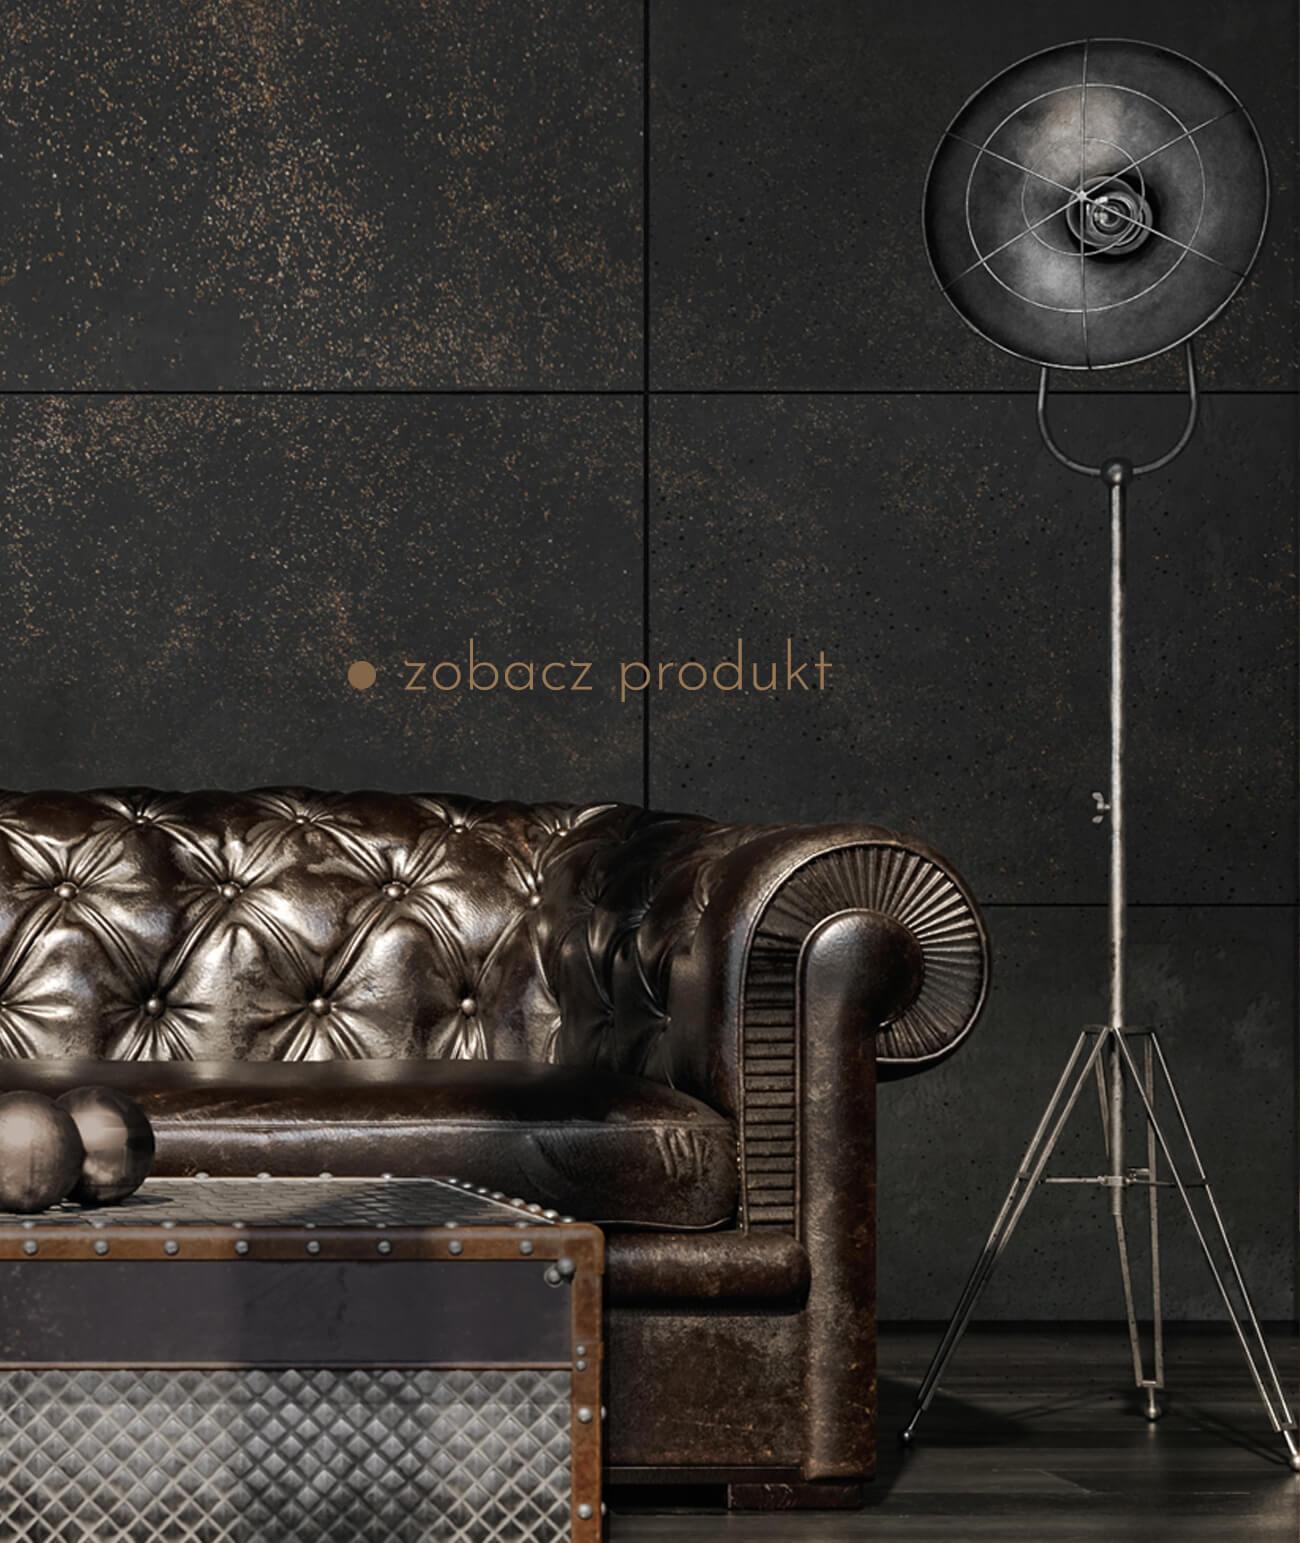 plyty-betonowe-scienne-i-elewacyjne-beton-architektoniczny_1122-24150-ds-antracyt-zlote-kruszywo-plyta-beton-architektoniczny-grc-ultralekka